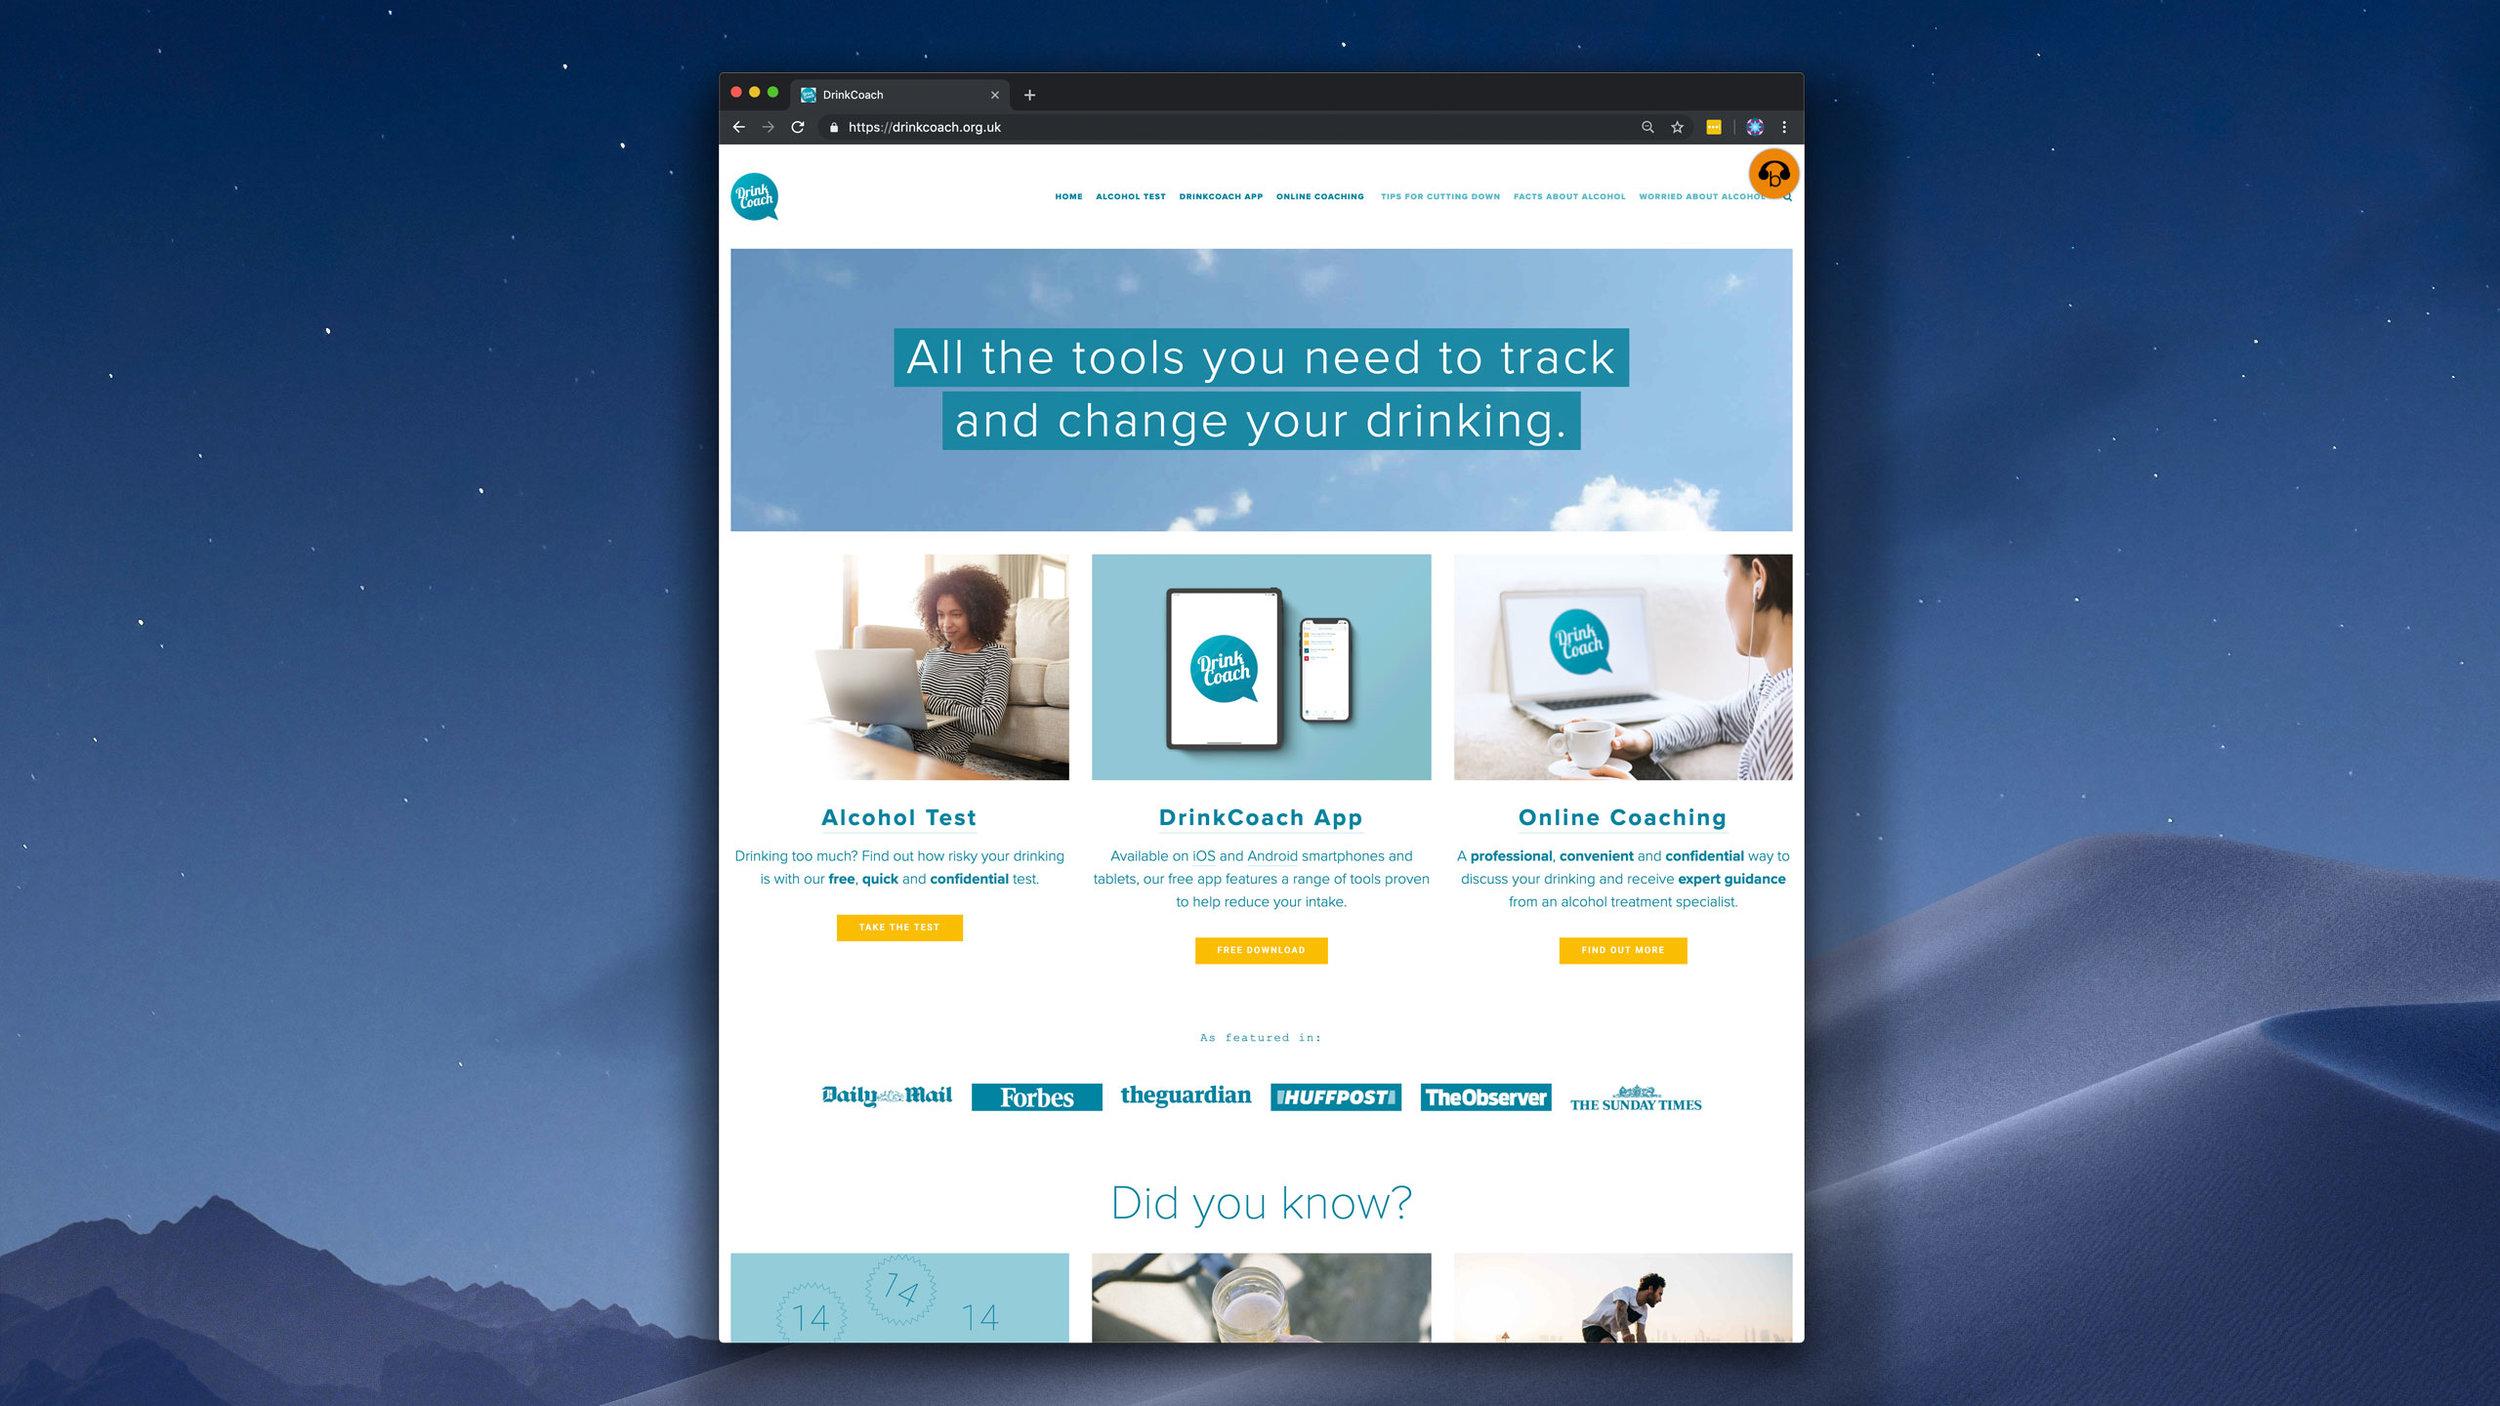 drinkcoach-site-homepage.jpg